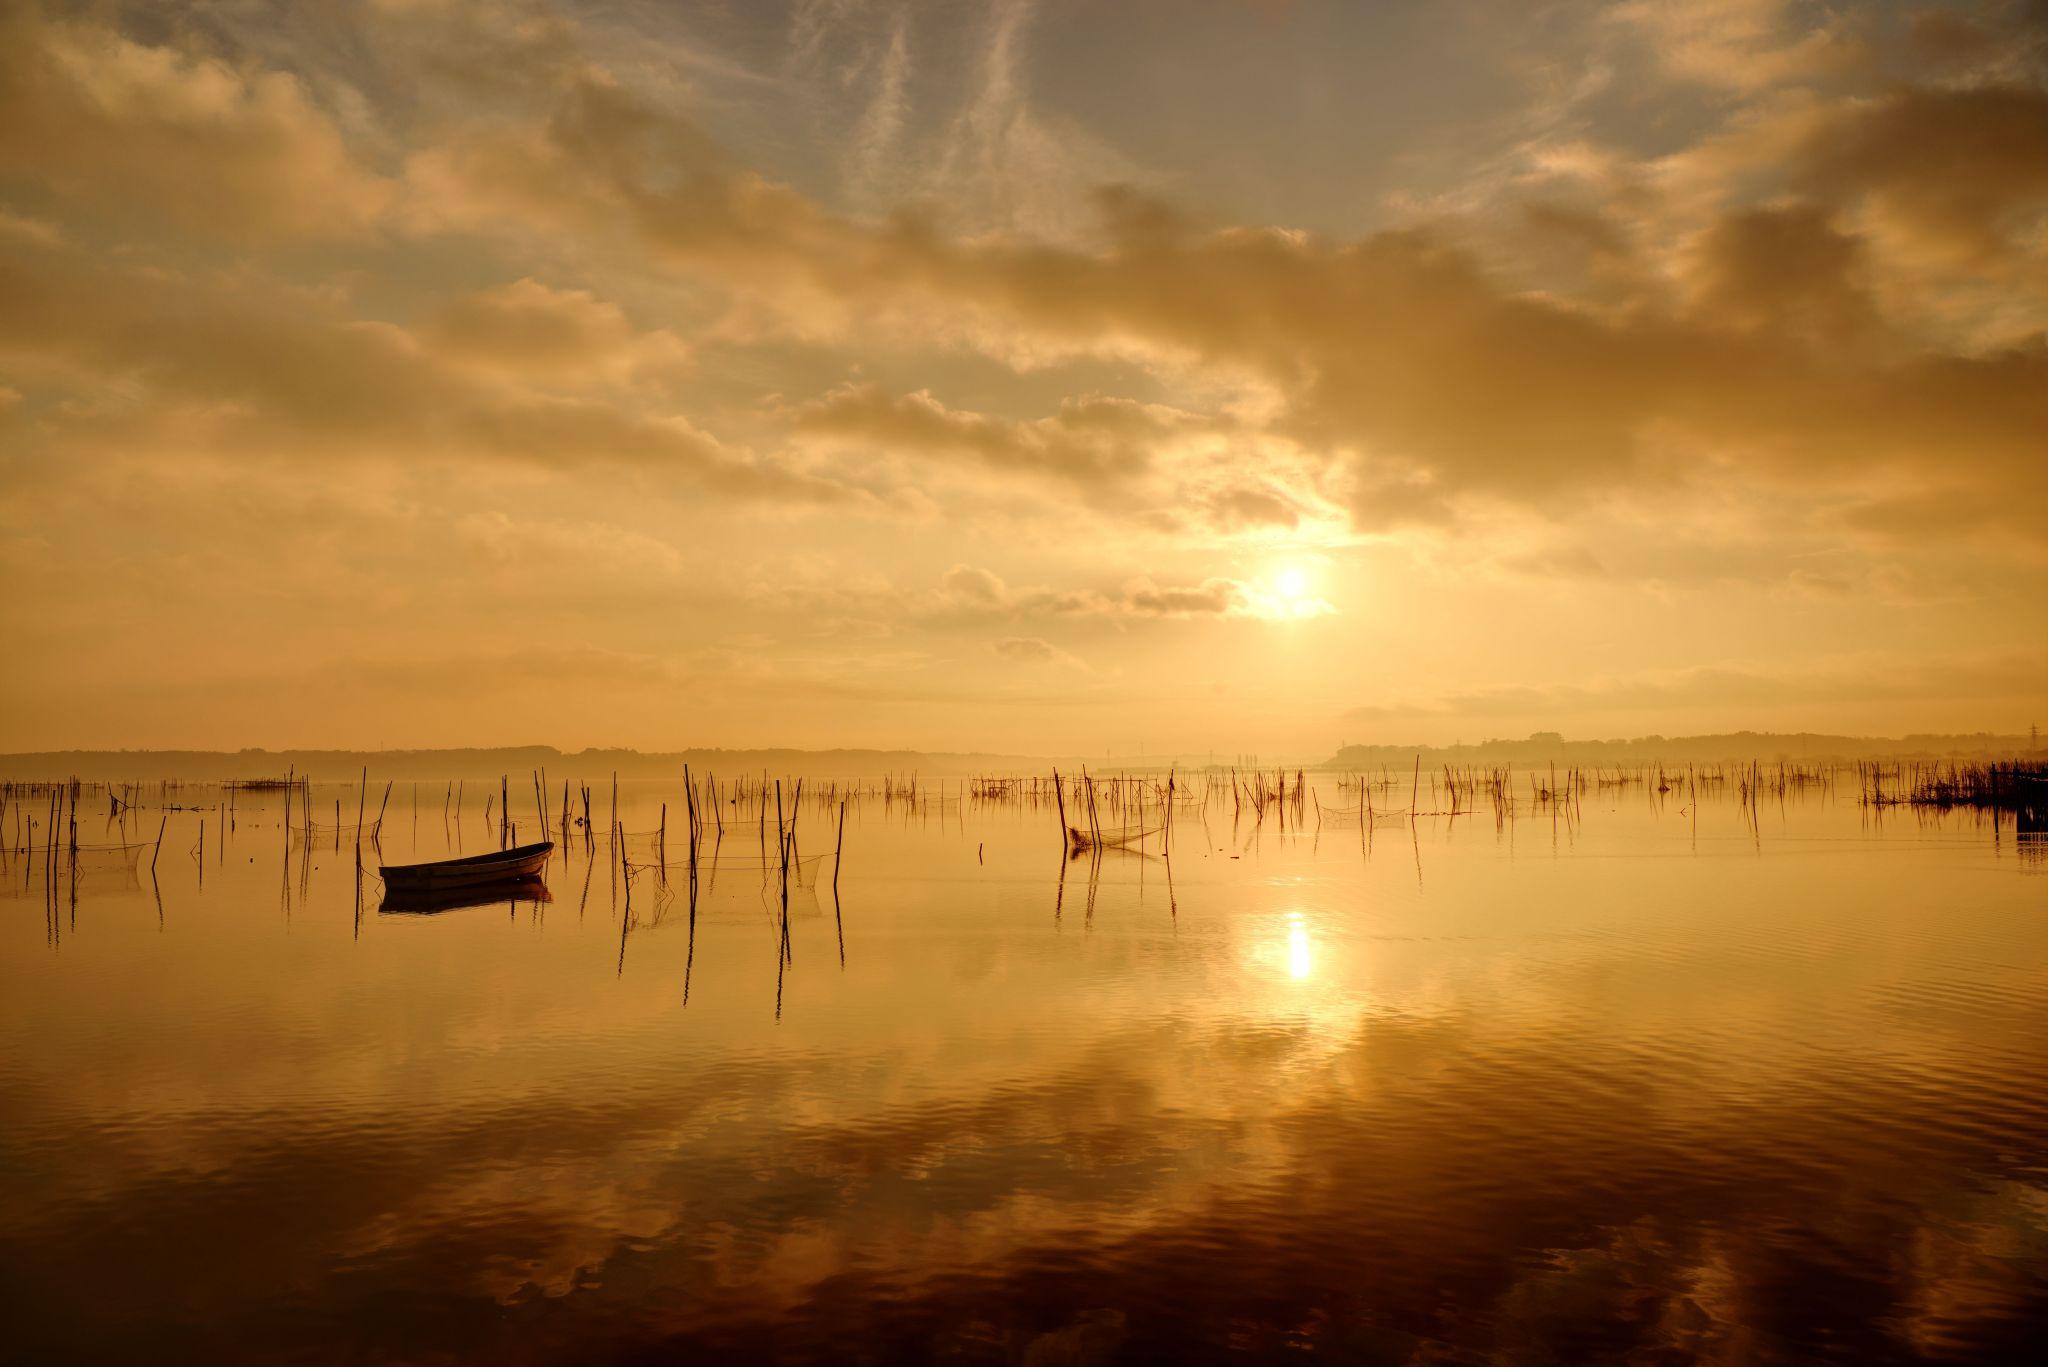 印旛沼 日の出撮影ポイント inbanuma sunrise spot, Japan